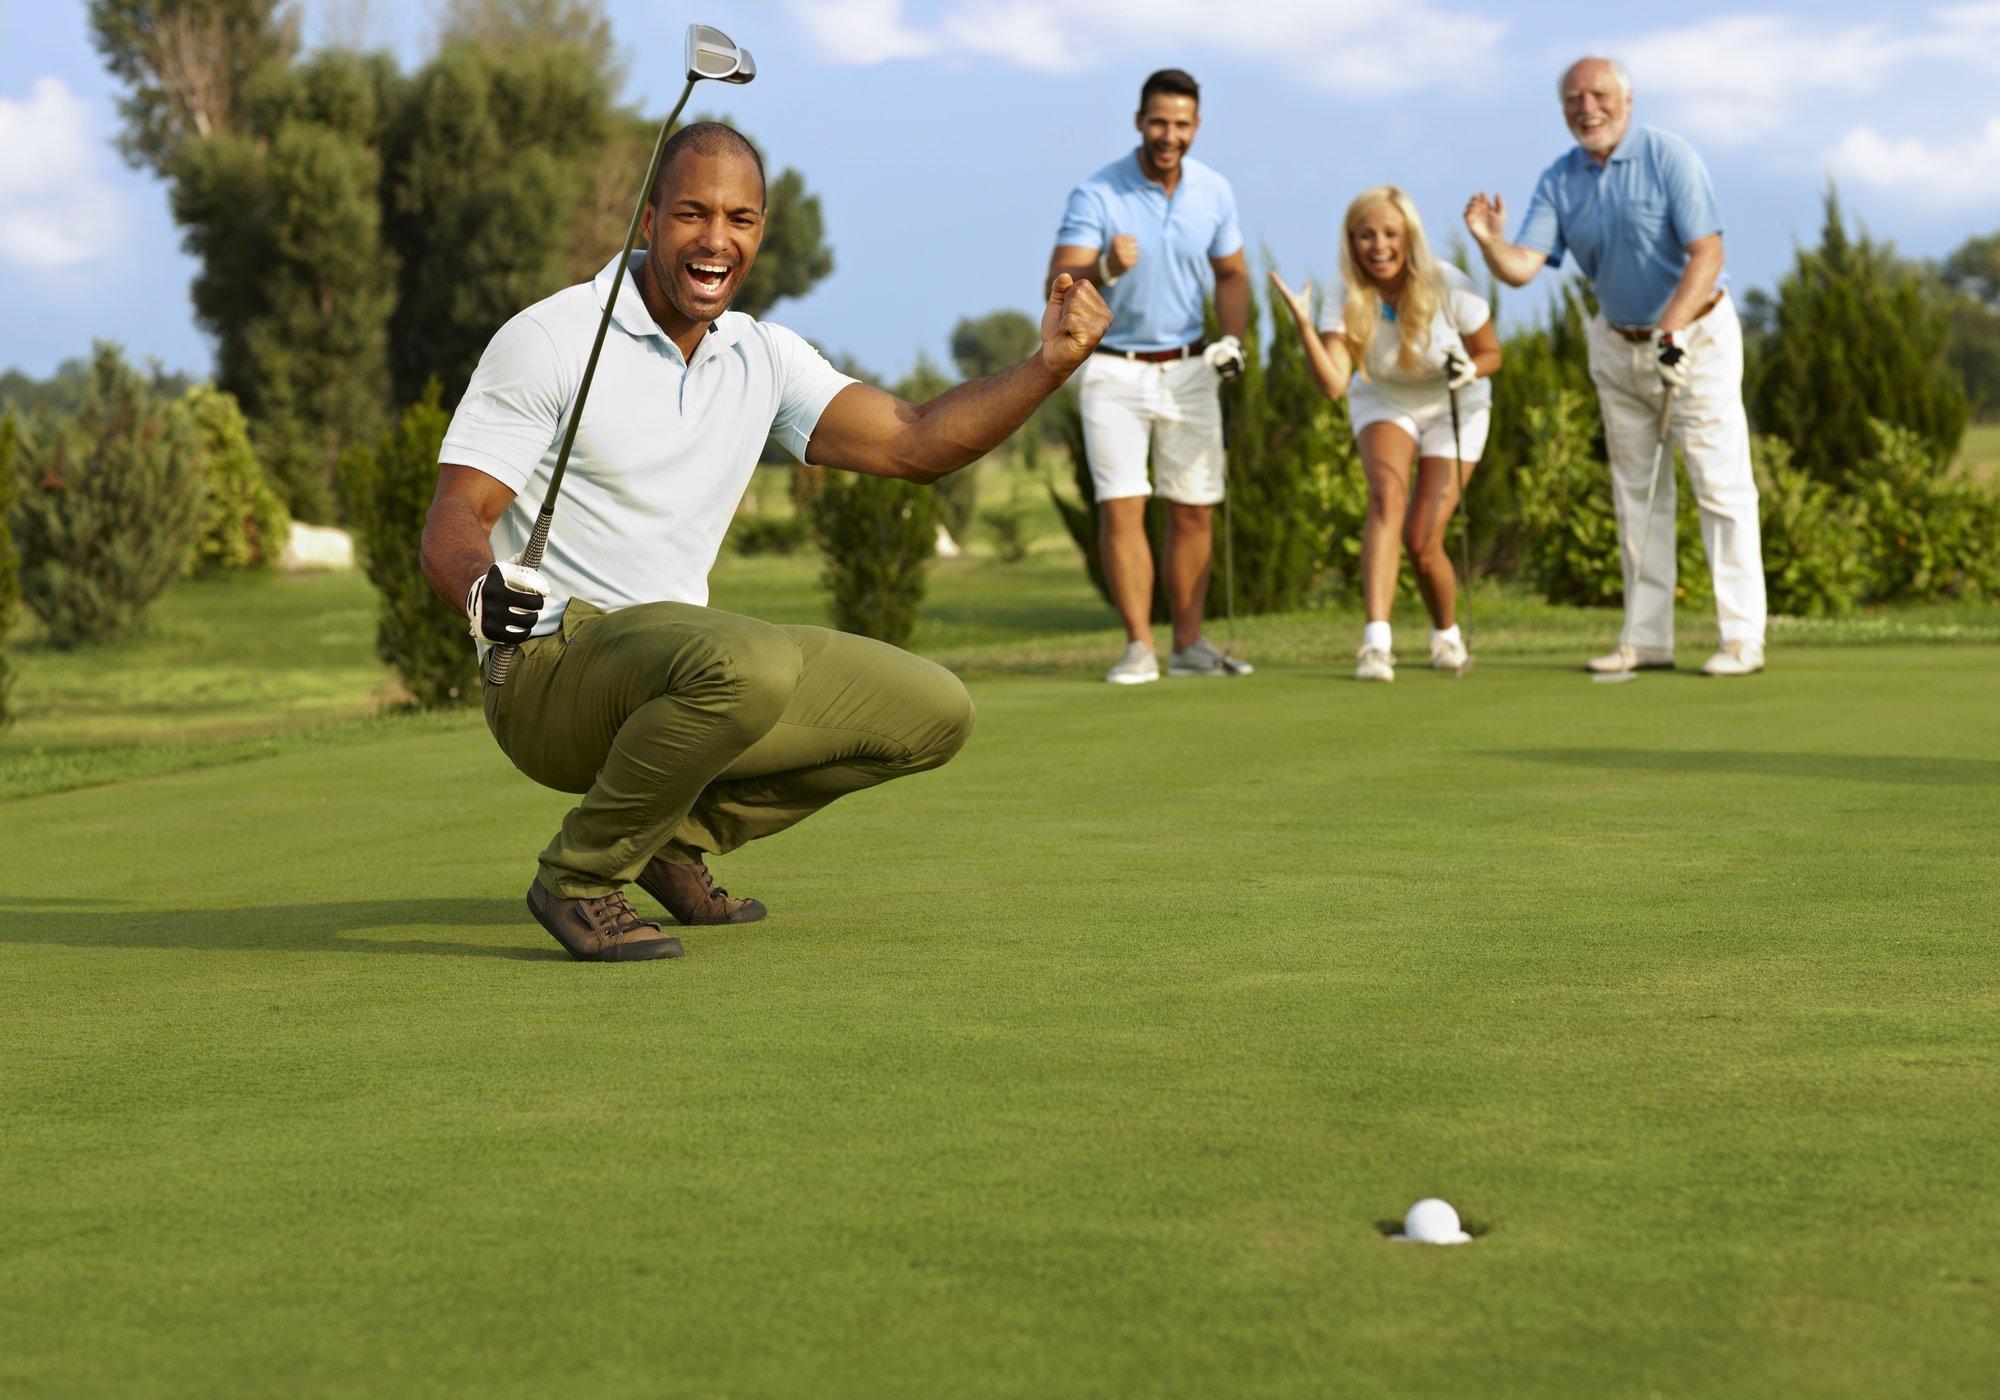 Denver Golf Communities